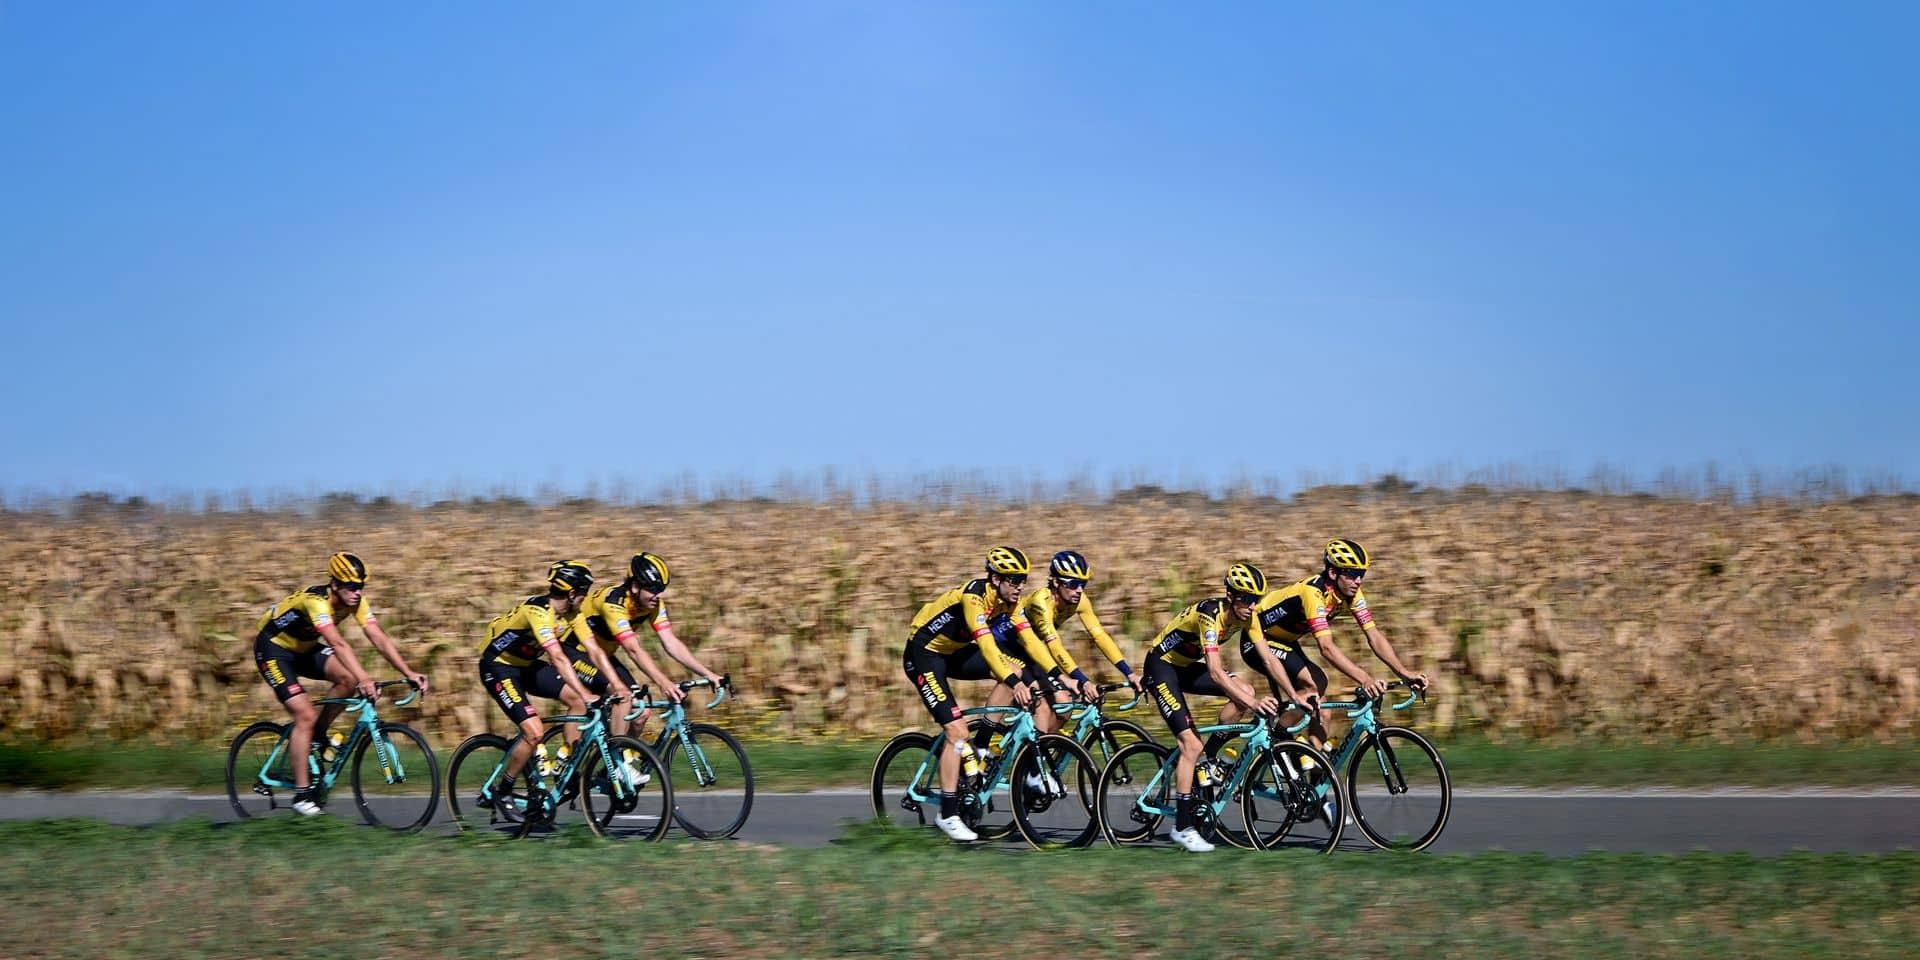 La deuxième semaine de tous les dangers: voici ce qui attend les coureurs pour la suite du Tour de France